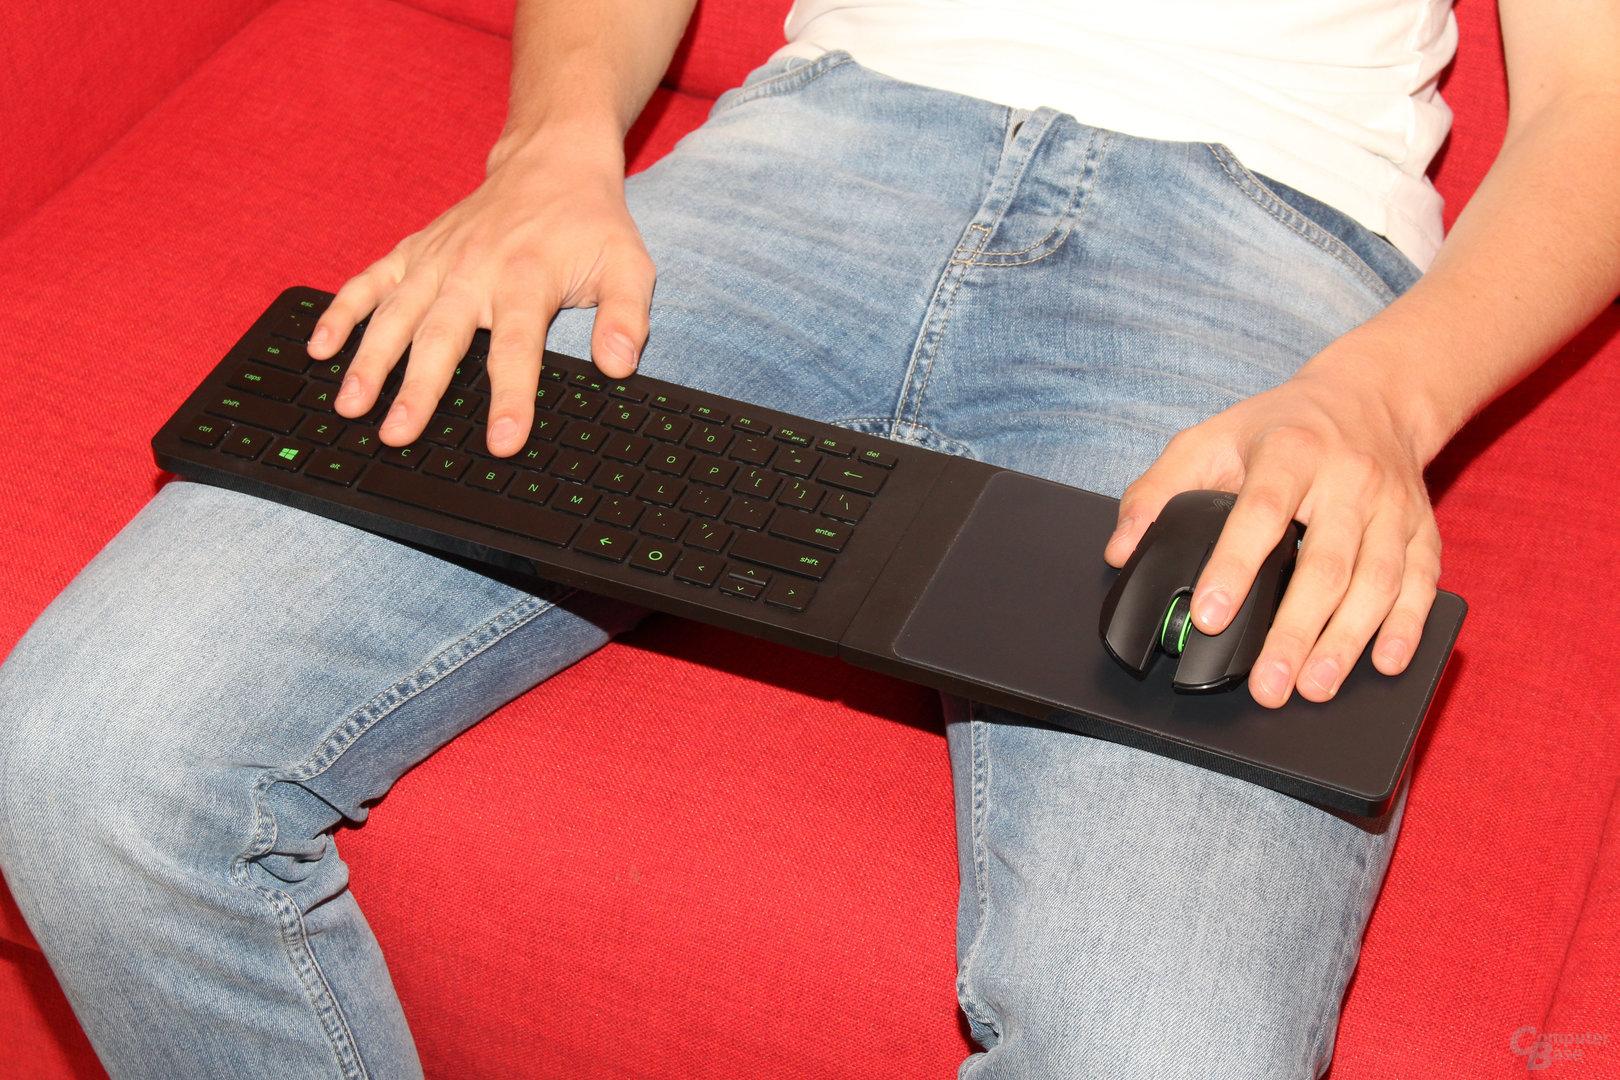 Das starre Mauspad verhindert den Einsatz durch Linkshänder